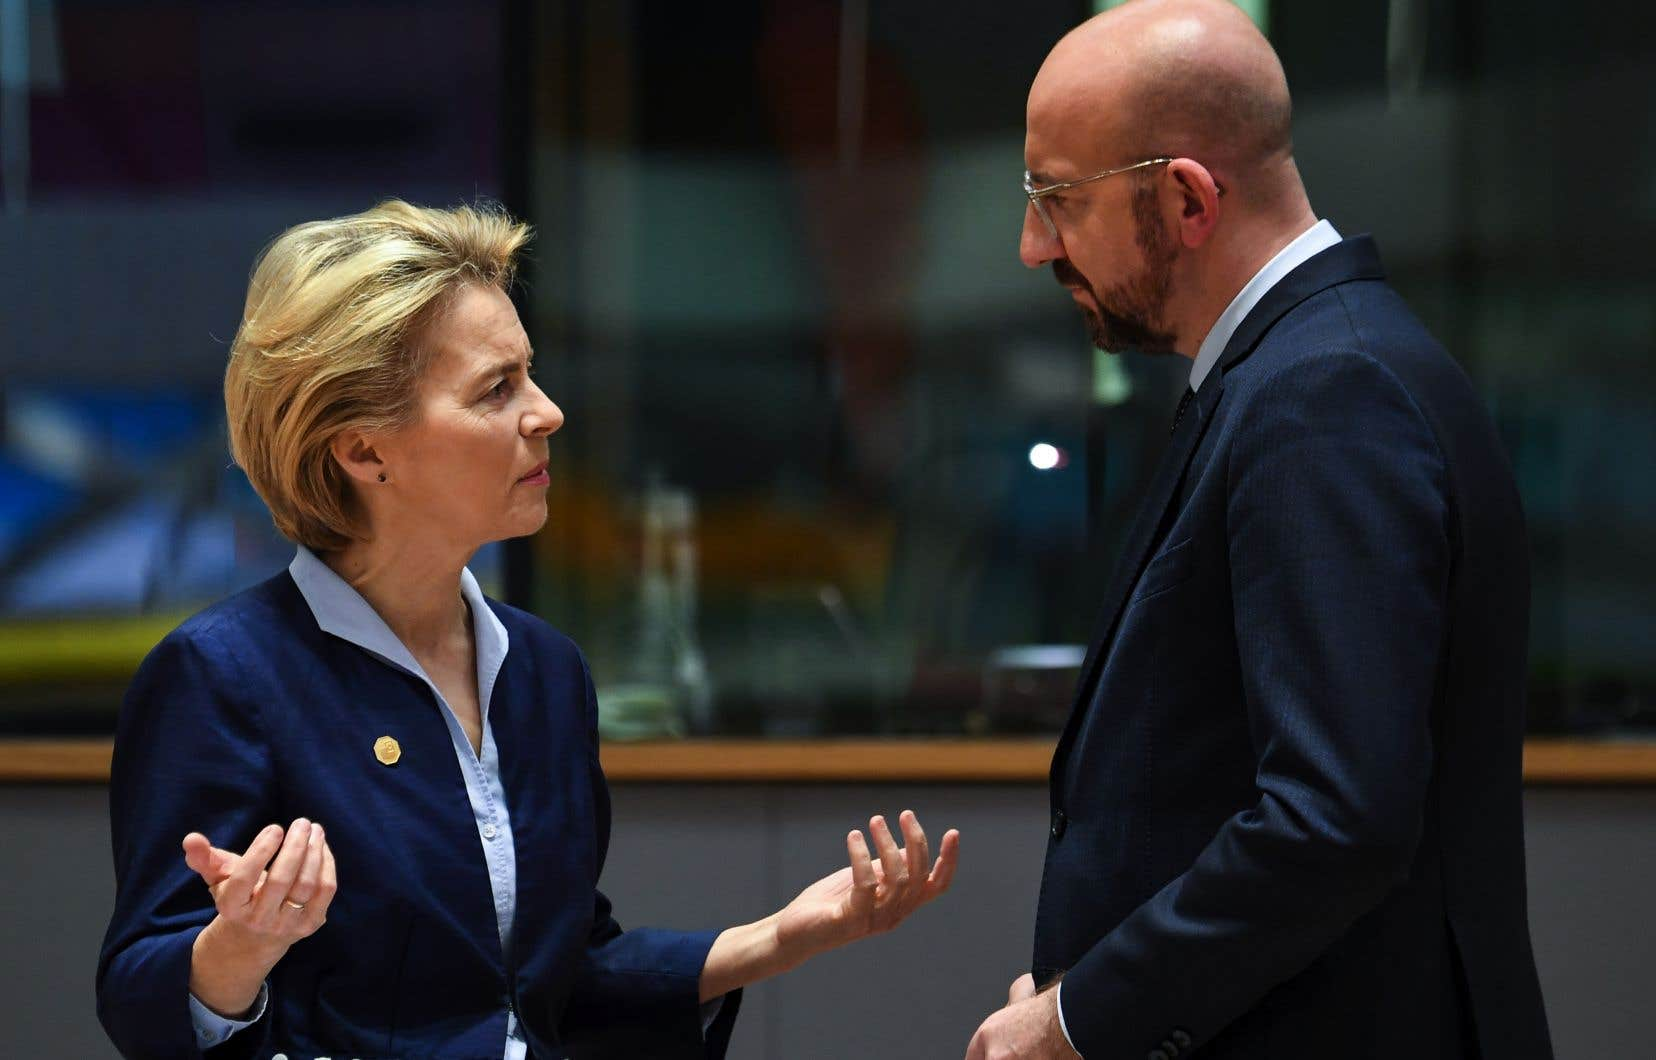 La présidente de la Commission européenne, Ursula von der Leyen, et le président du Conseil européen, Charles Michel